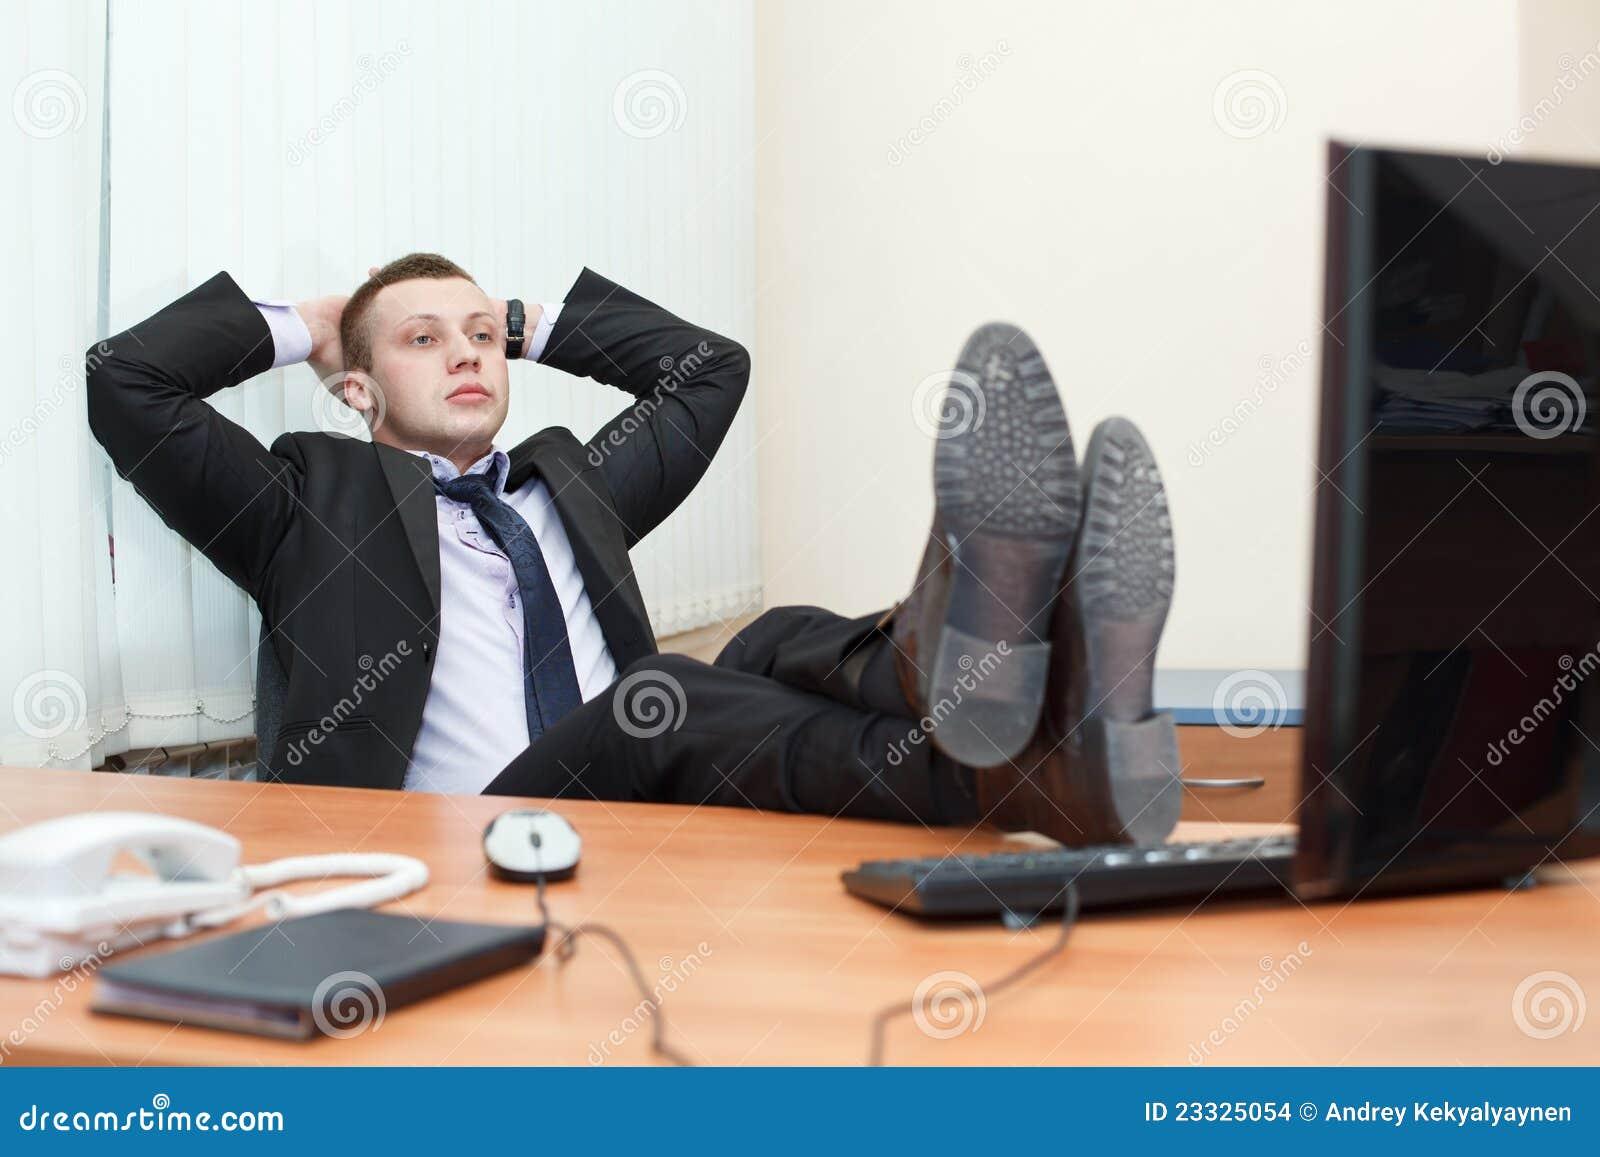 Images pieds sur le bureau téléchargez photos libres de droits